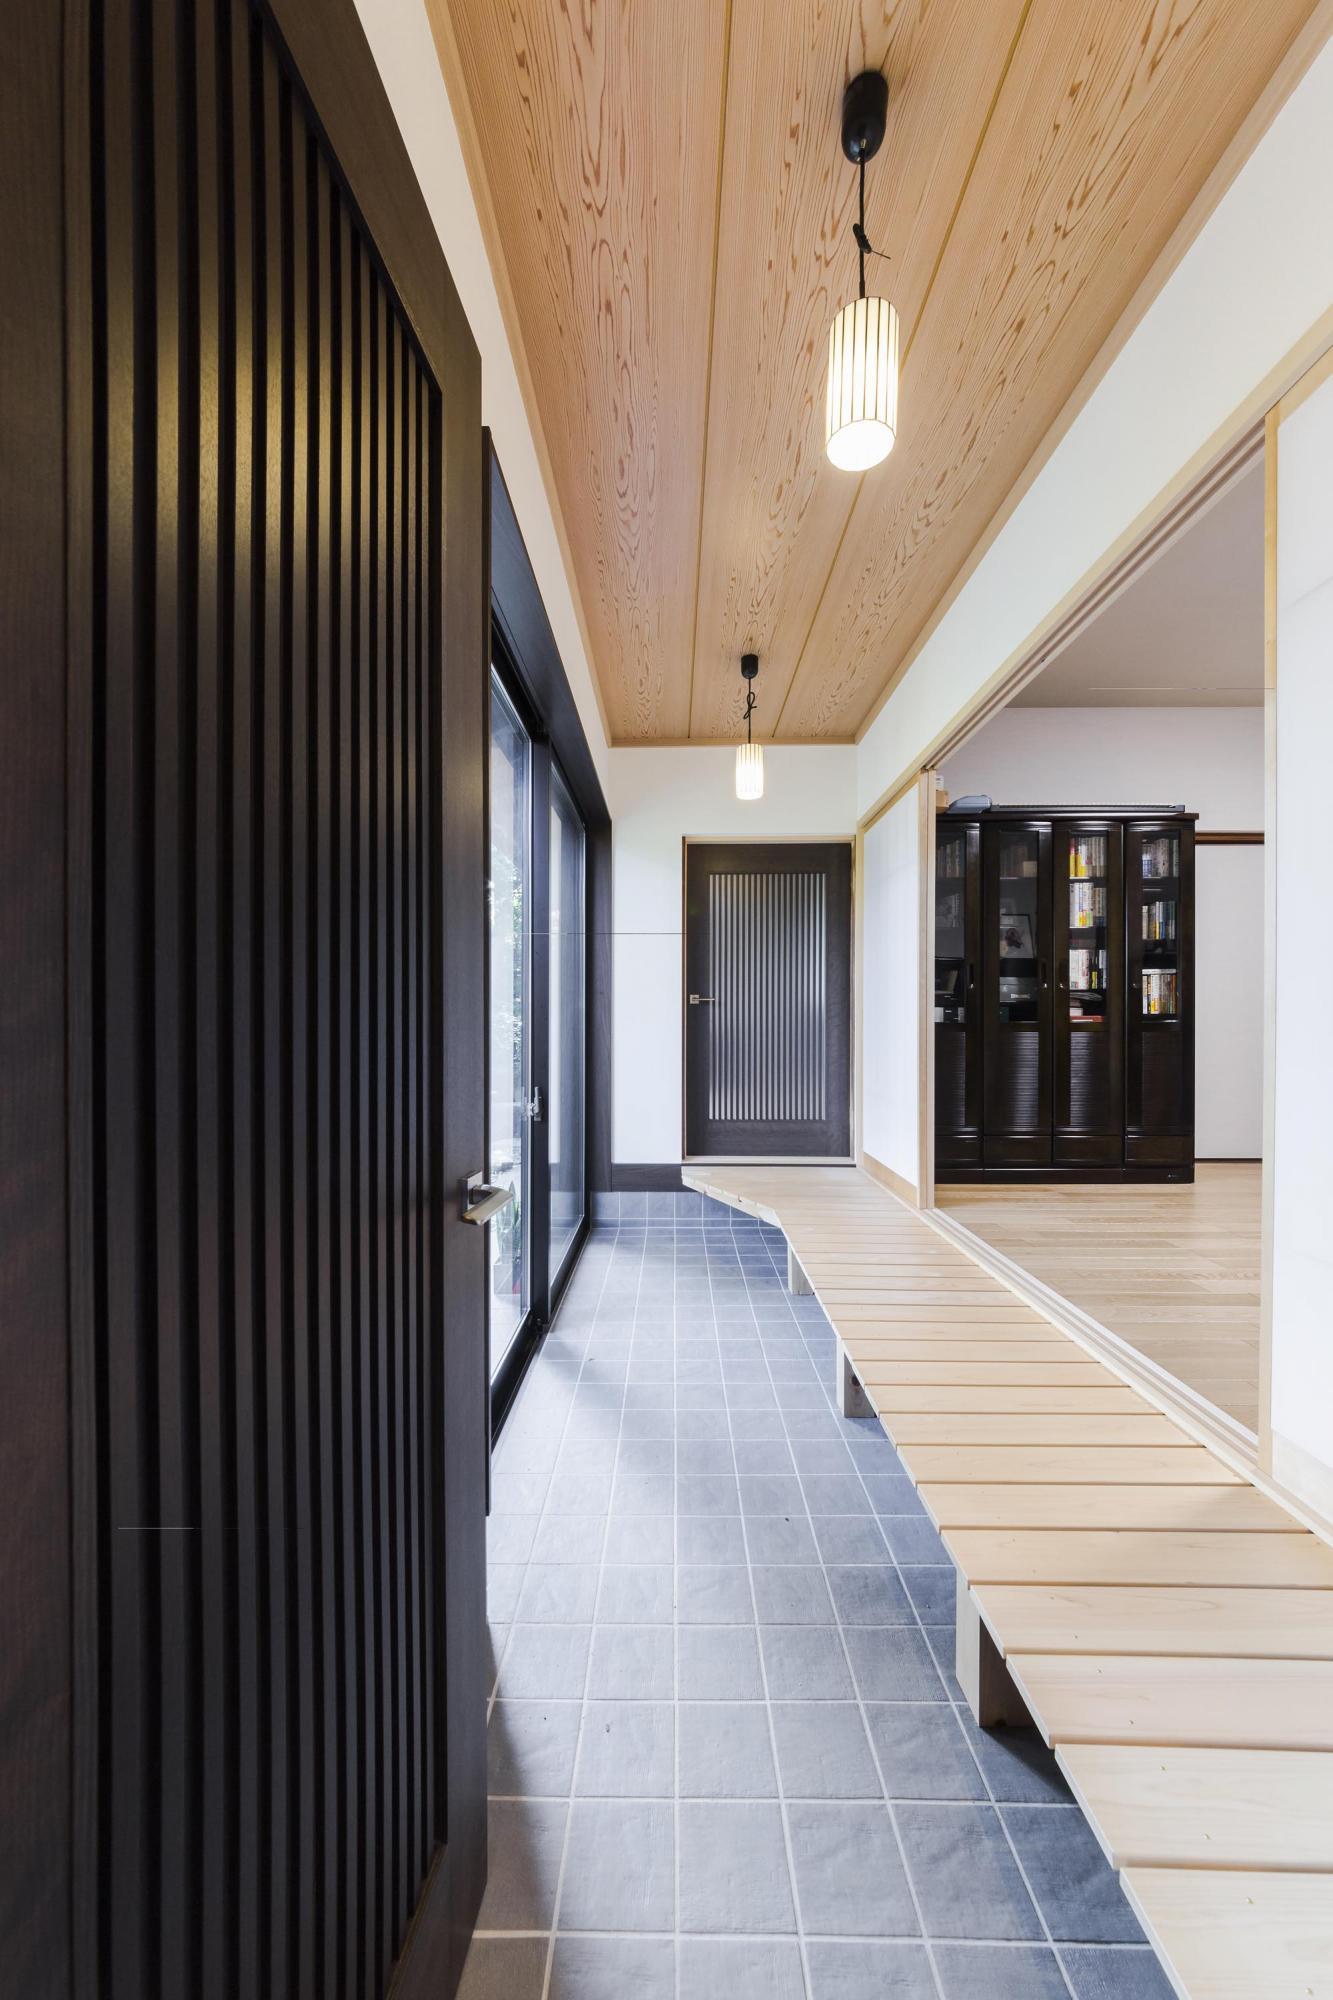 玄関からつながるタイル貼りの土間。檜で造った縁側からお客様は直接部屋へ上がることができる。真正面の扉を開けると既存の広縁へと続く